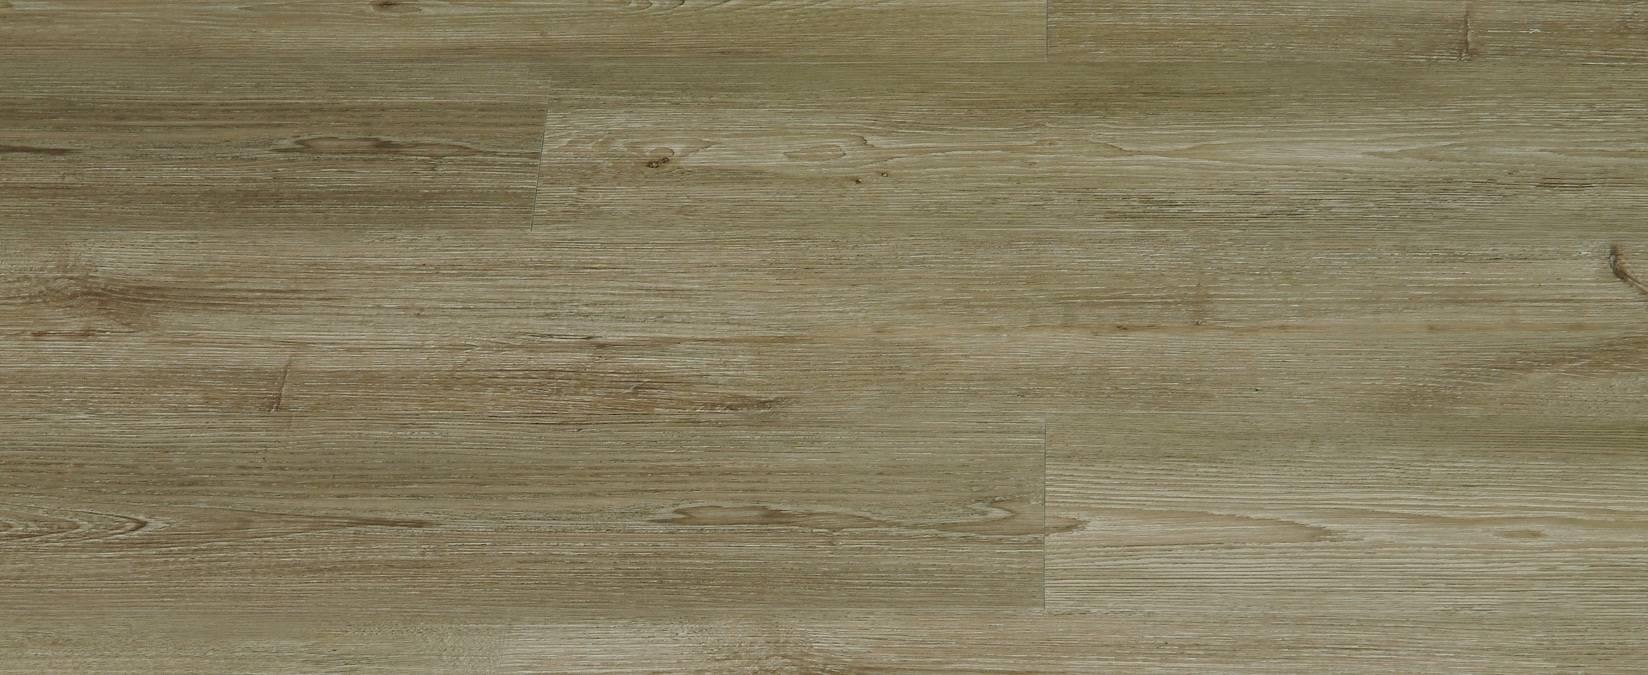 Unideco Luxury Vinyl Tile 6053